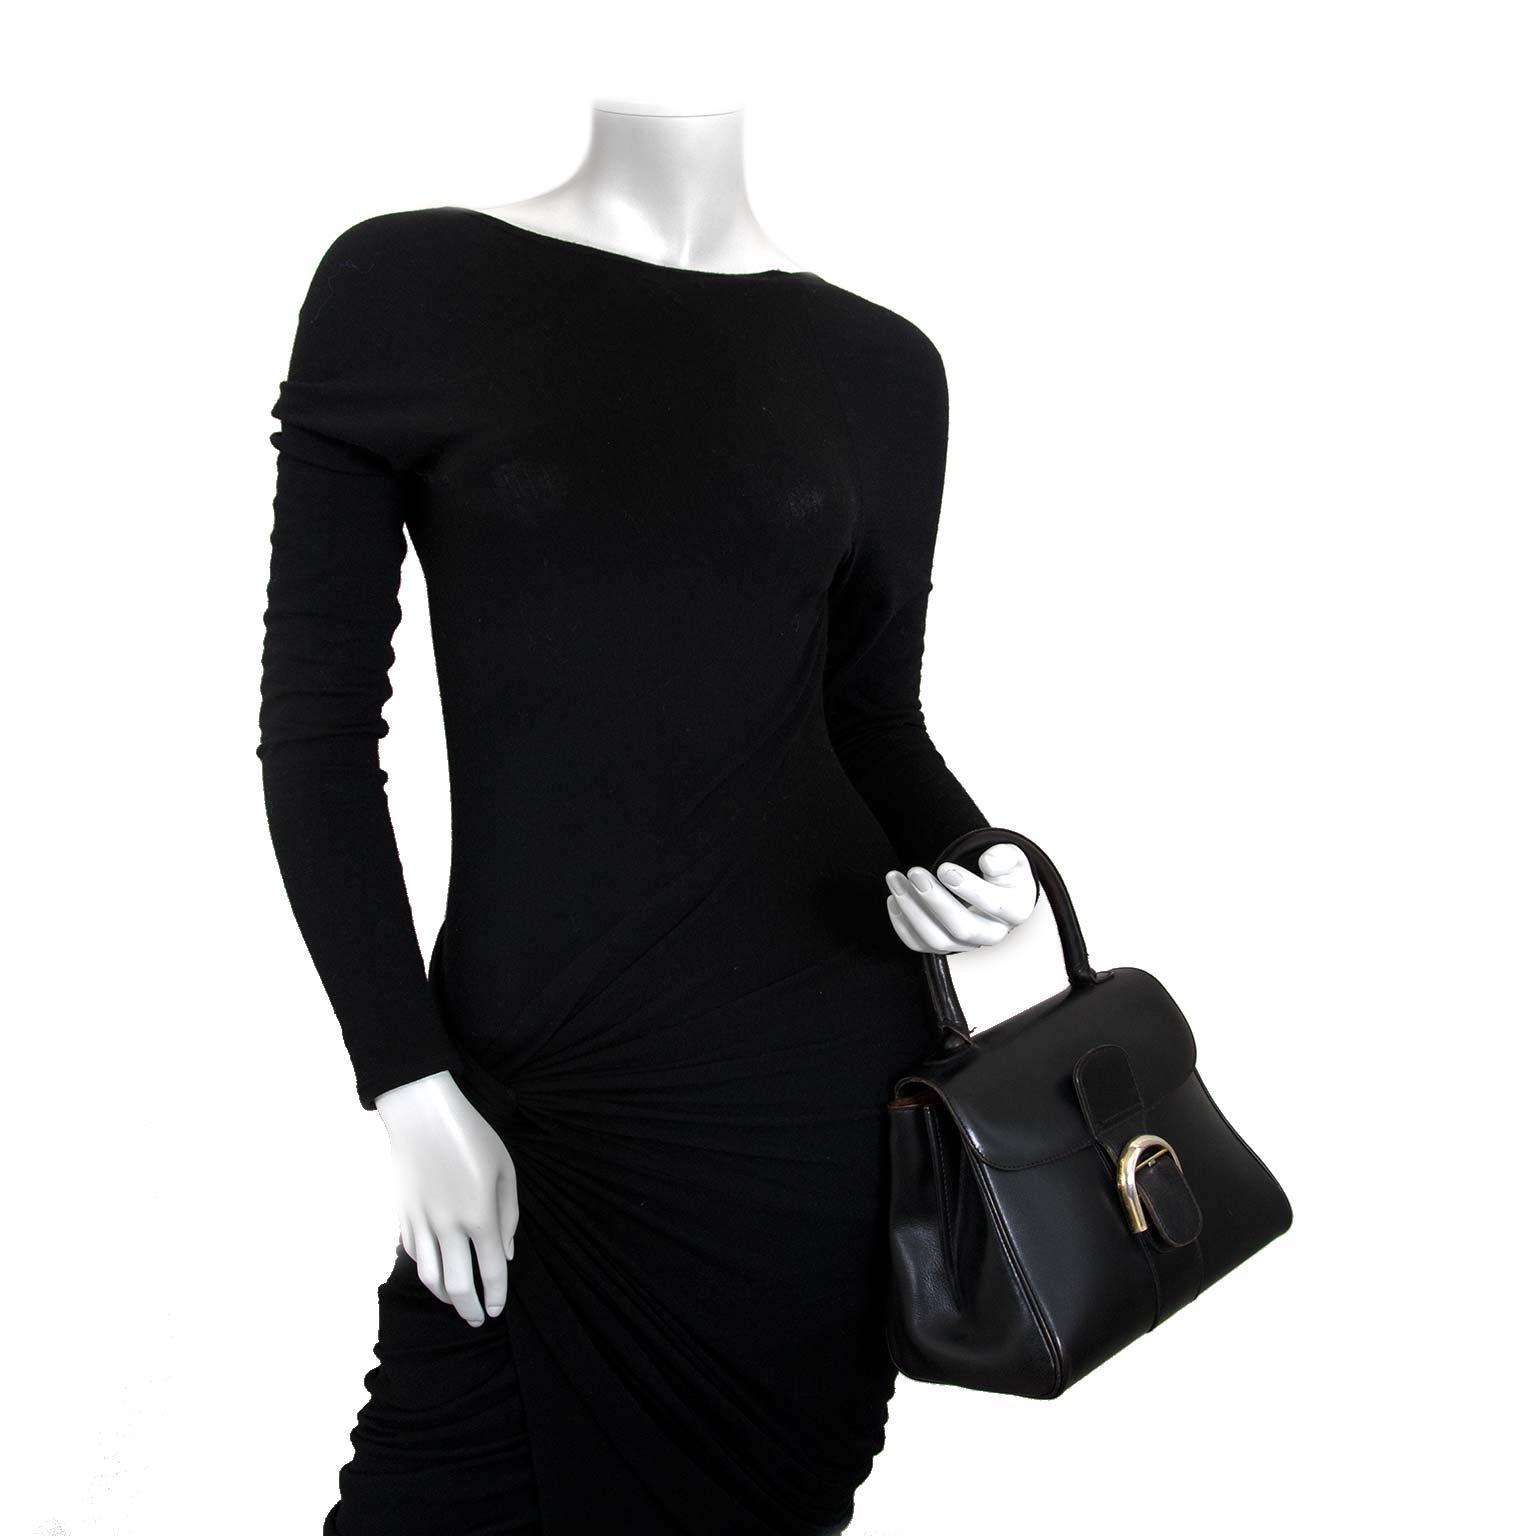 delvaux brillant vintage black pm bag now for sale at labellov vintage fashion webshop belgium